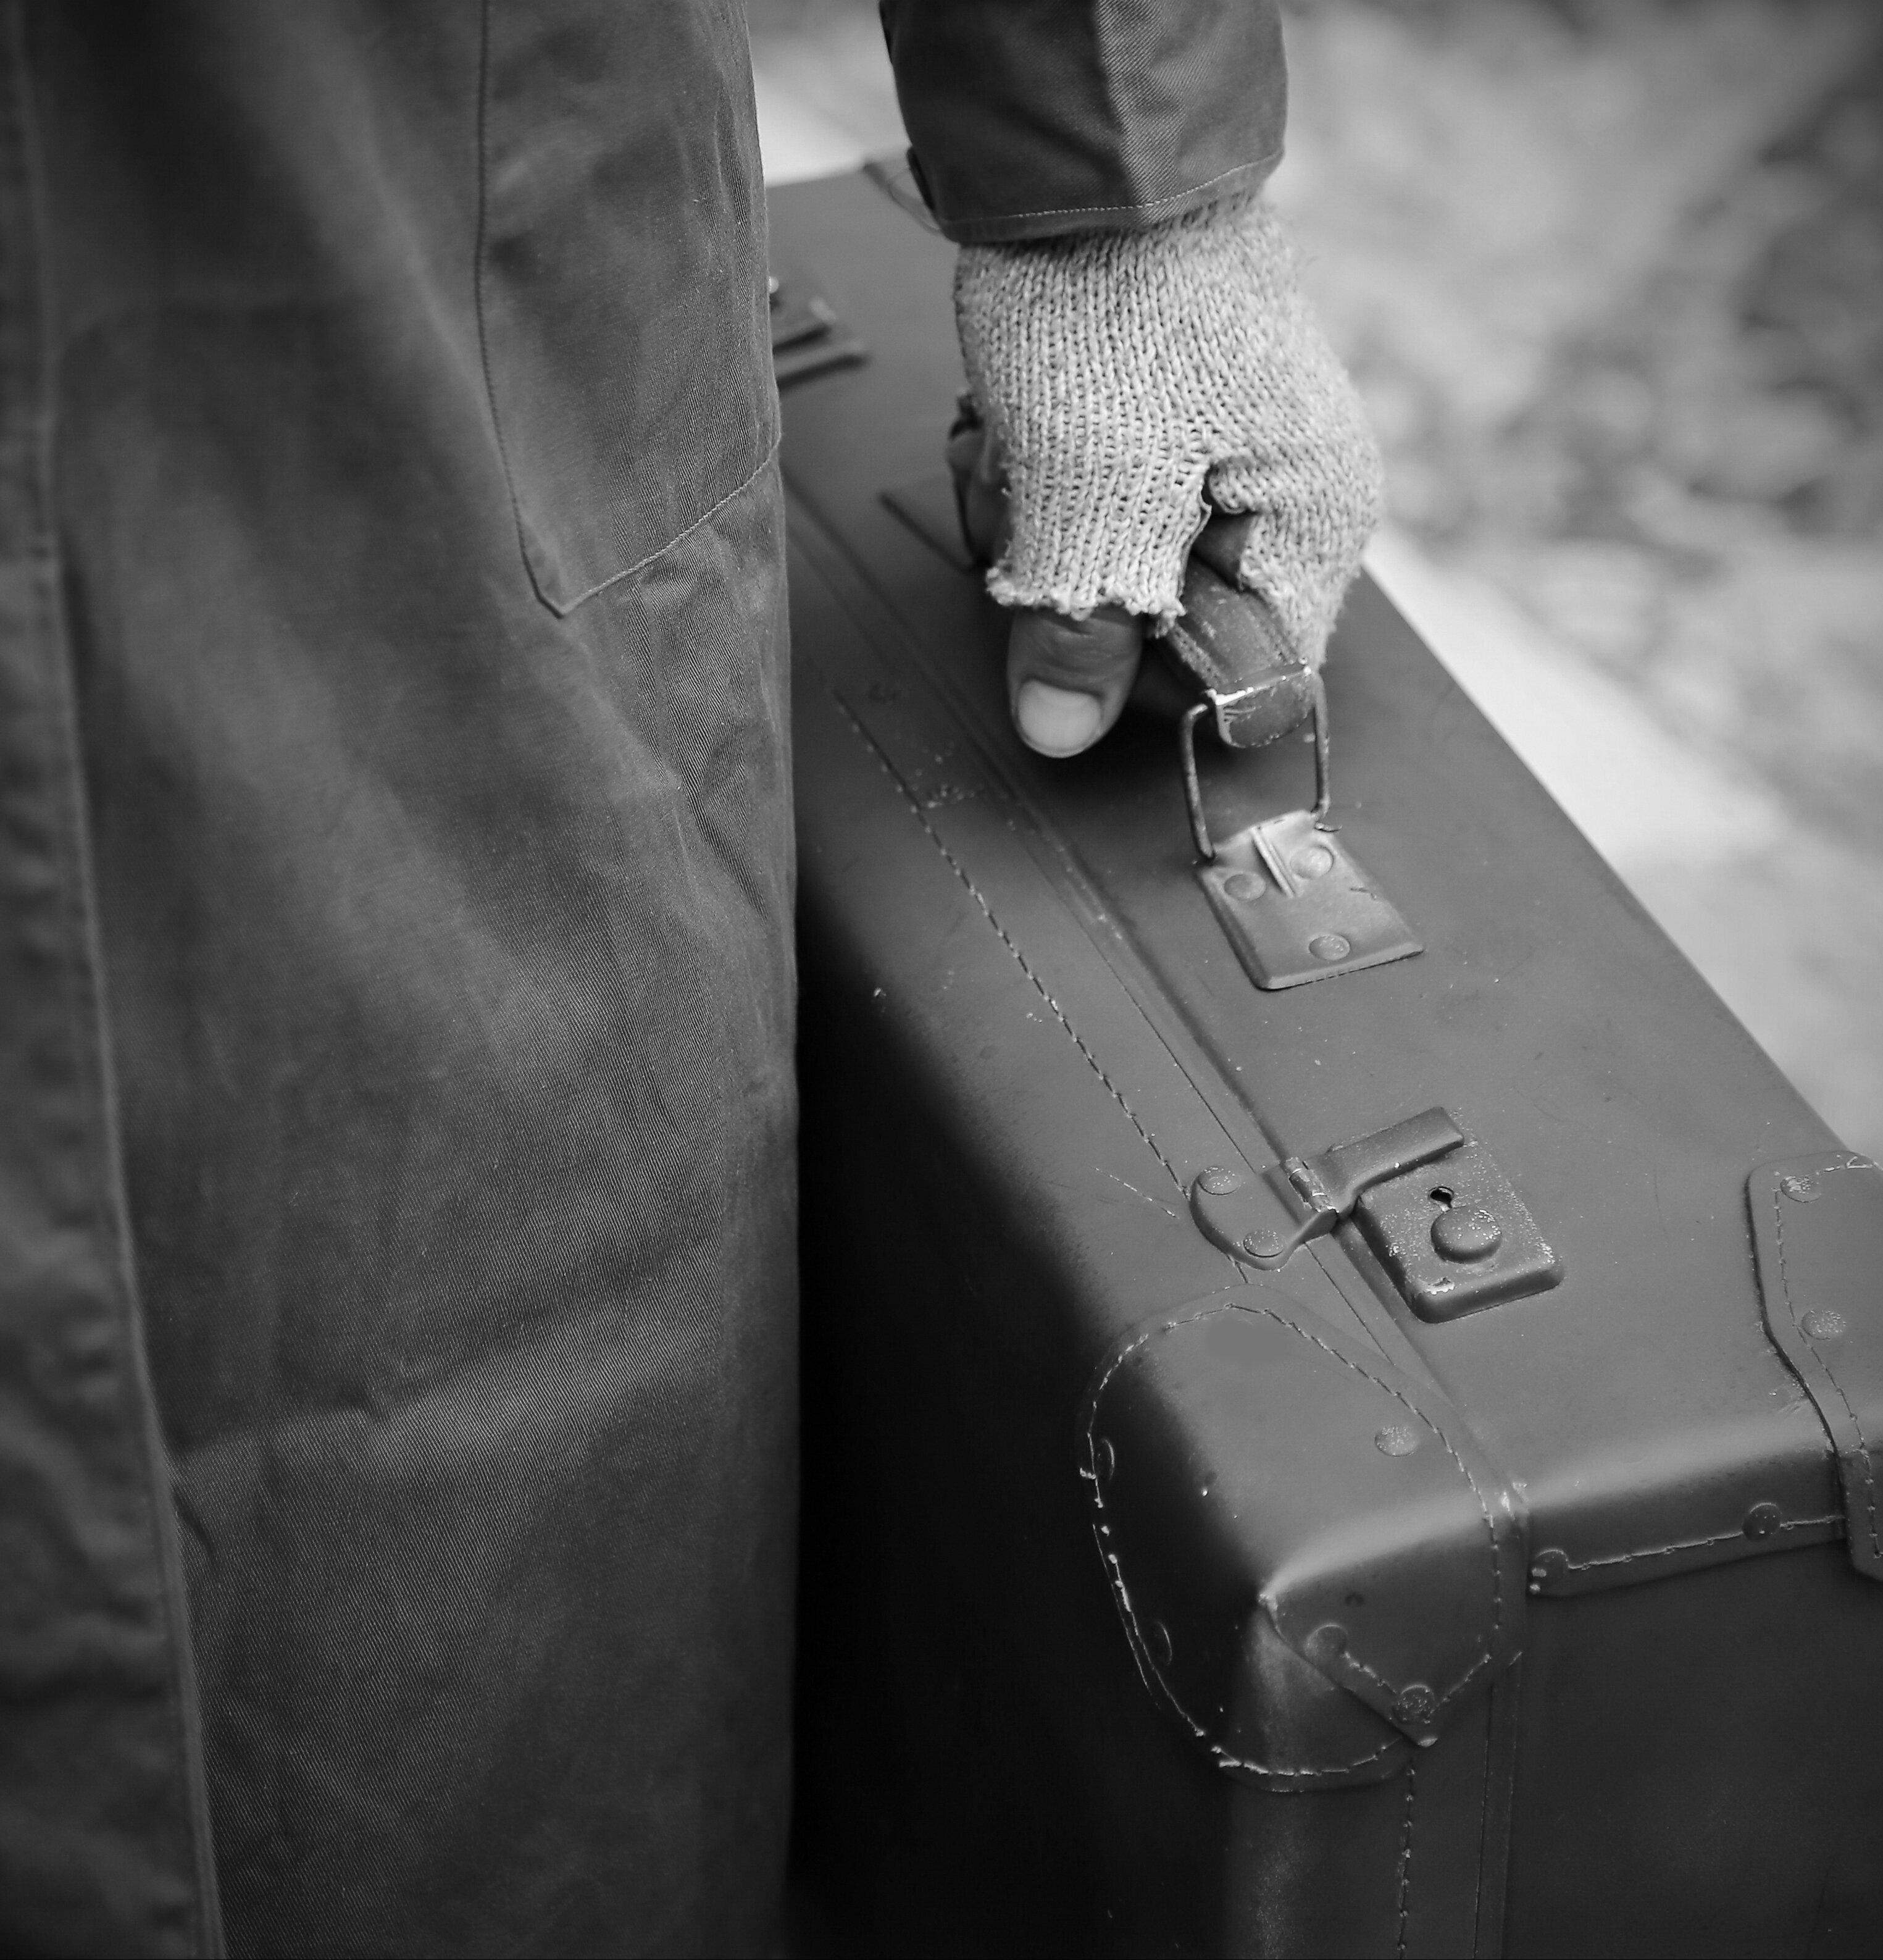 Rapporto Svimez: al Sud più emigrati che immigrati, rischio spopolamento